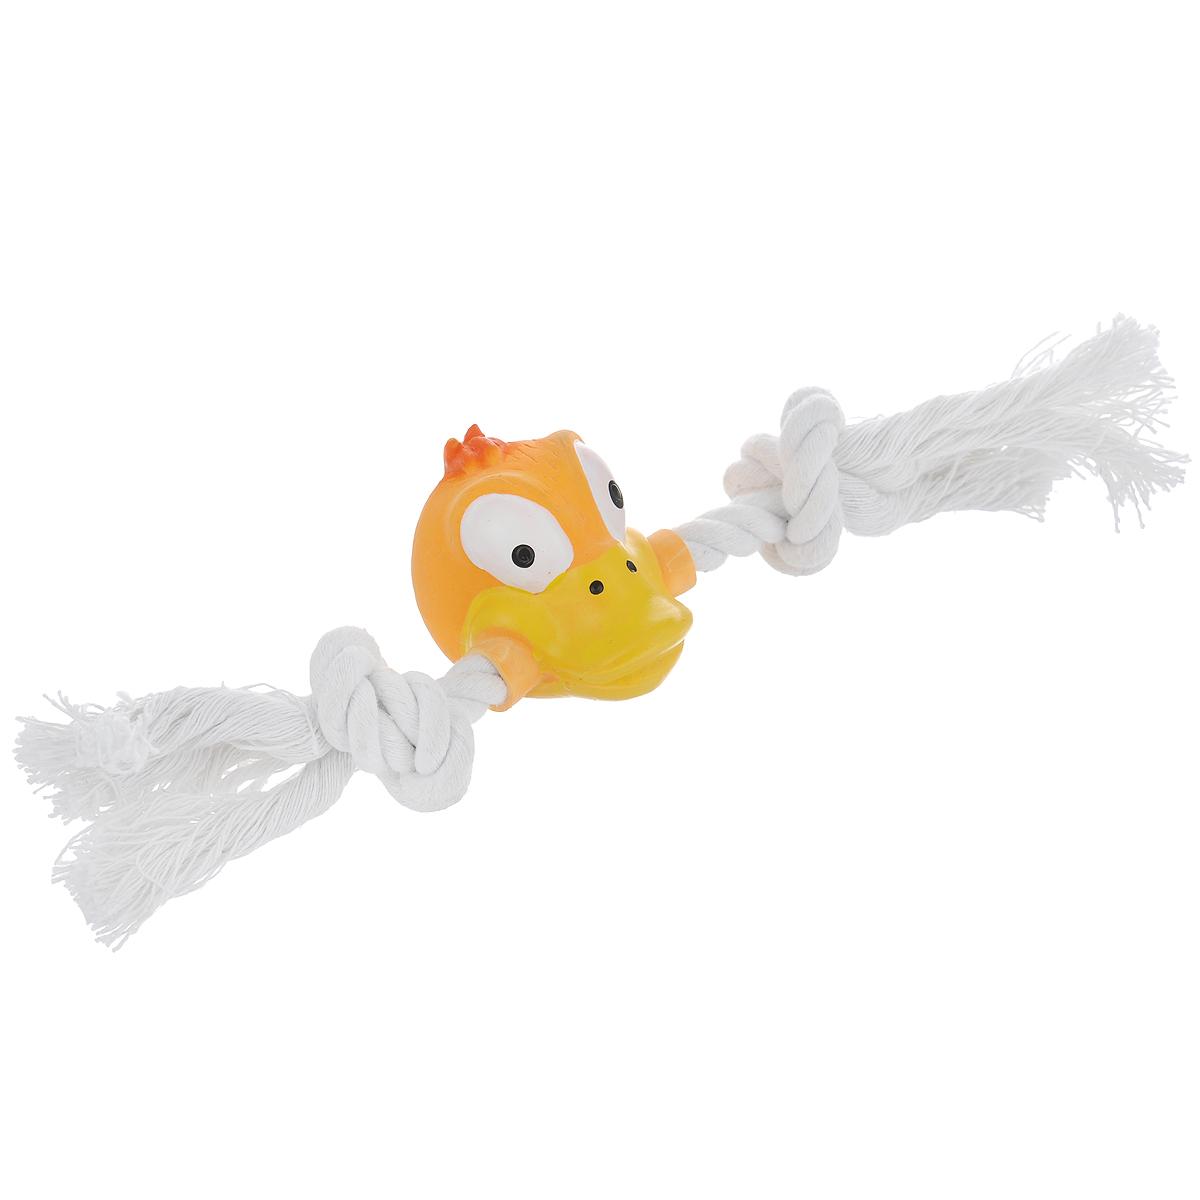 Игрушка для собак Ziver Утка с канатом, с пищалкой, цвет: оранжевый, длина 21 см игрушка для собак ziver осел длинноухий с пищалкой цвет голубой 18 см